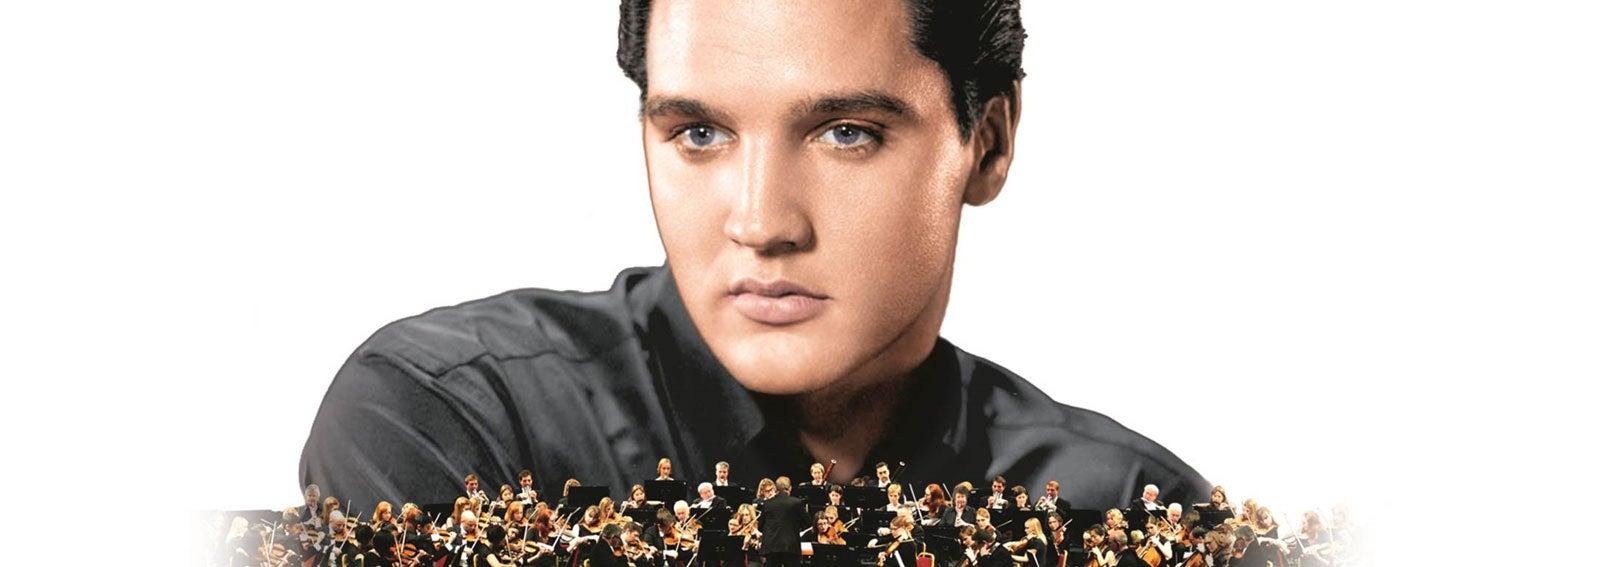 Elvis2017_1600x567.jpg